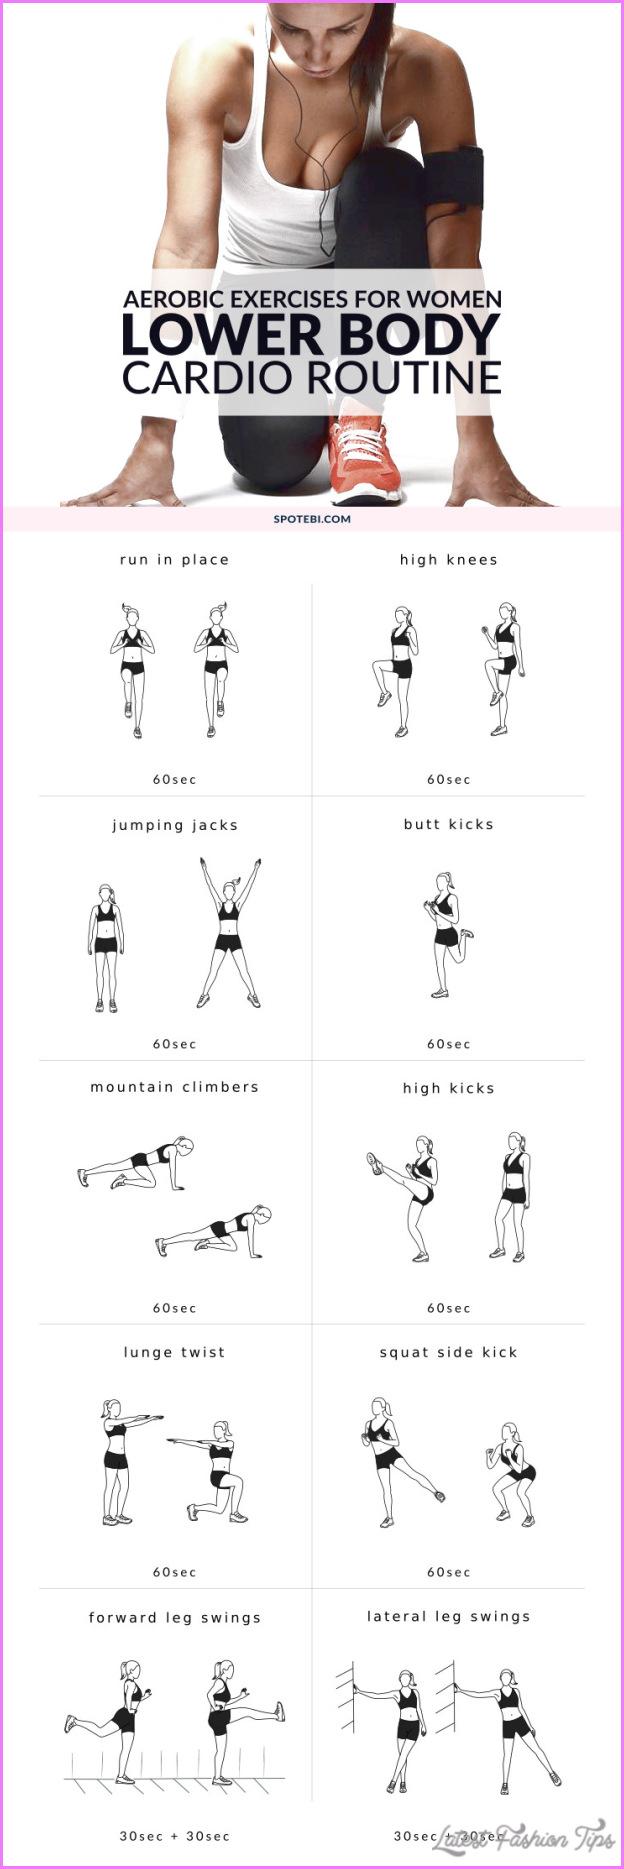 Lower Body Exercises For Women_11.jpg